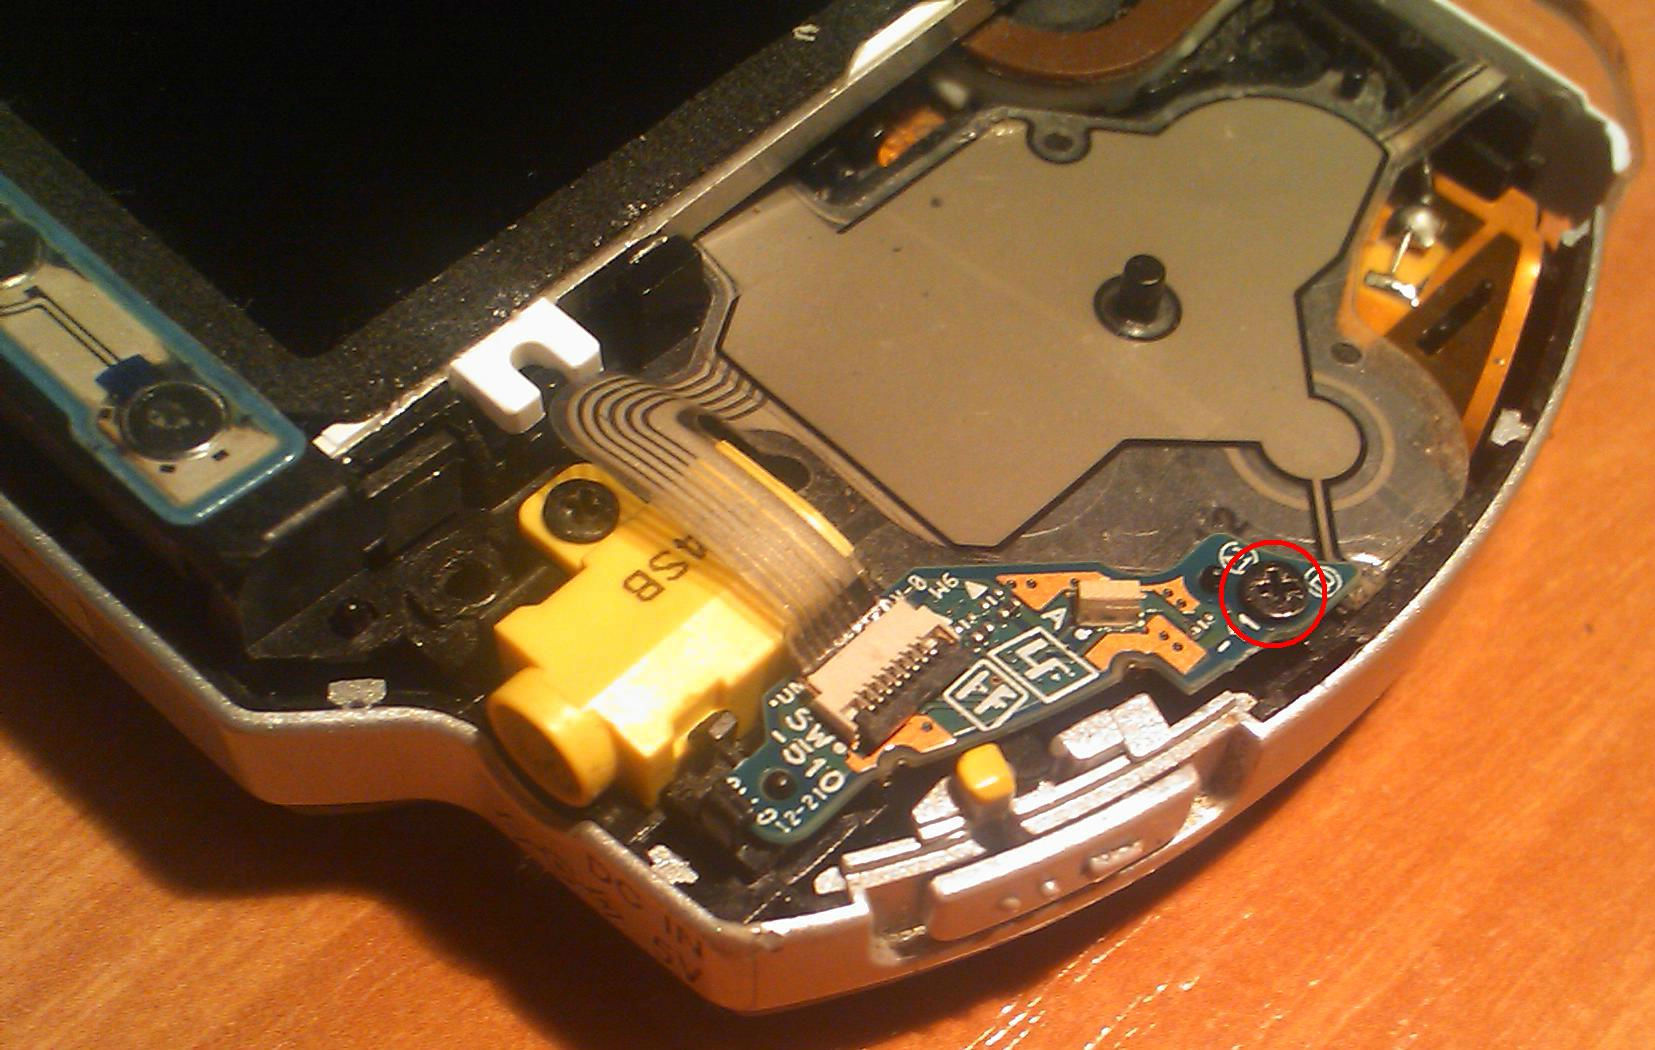 Poradnik - jak sprawdzi� suwak POWER w PSP Slim